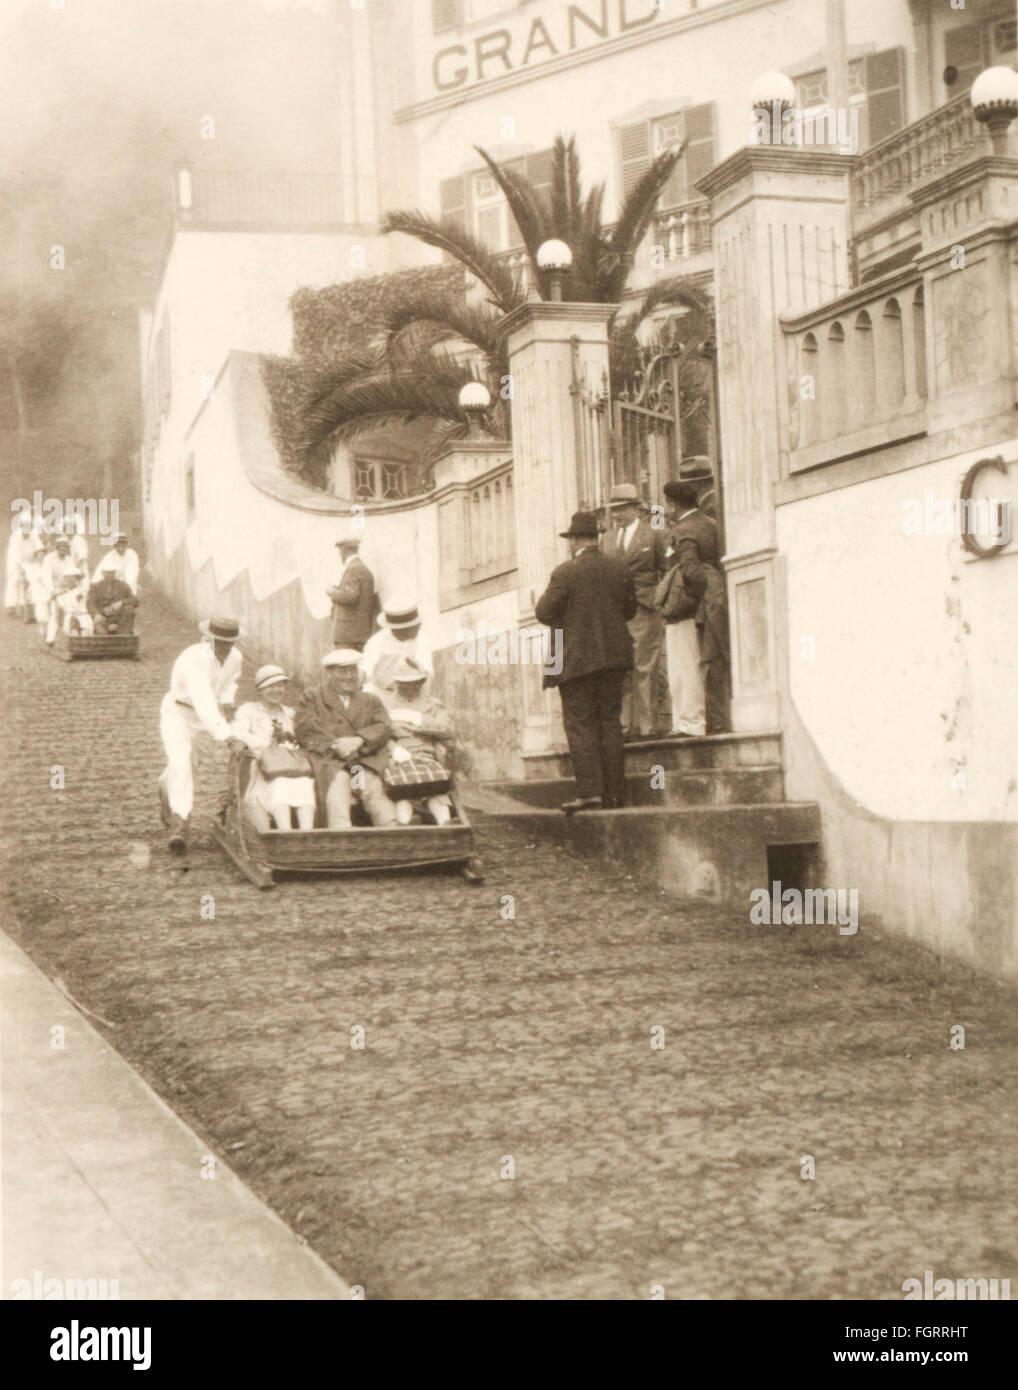 Géographie / billet, le Portugal, l'île de Madère, les gens, les touristes sont poussée le long de la rue dans un Banque D'Images